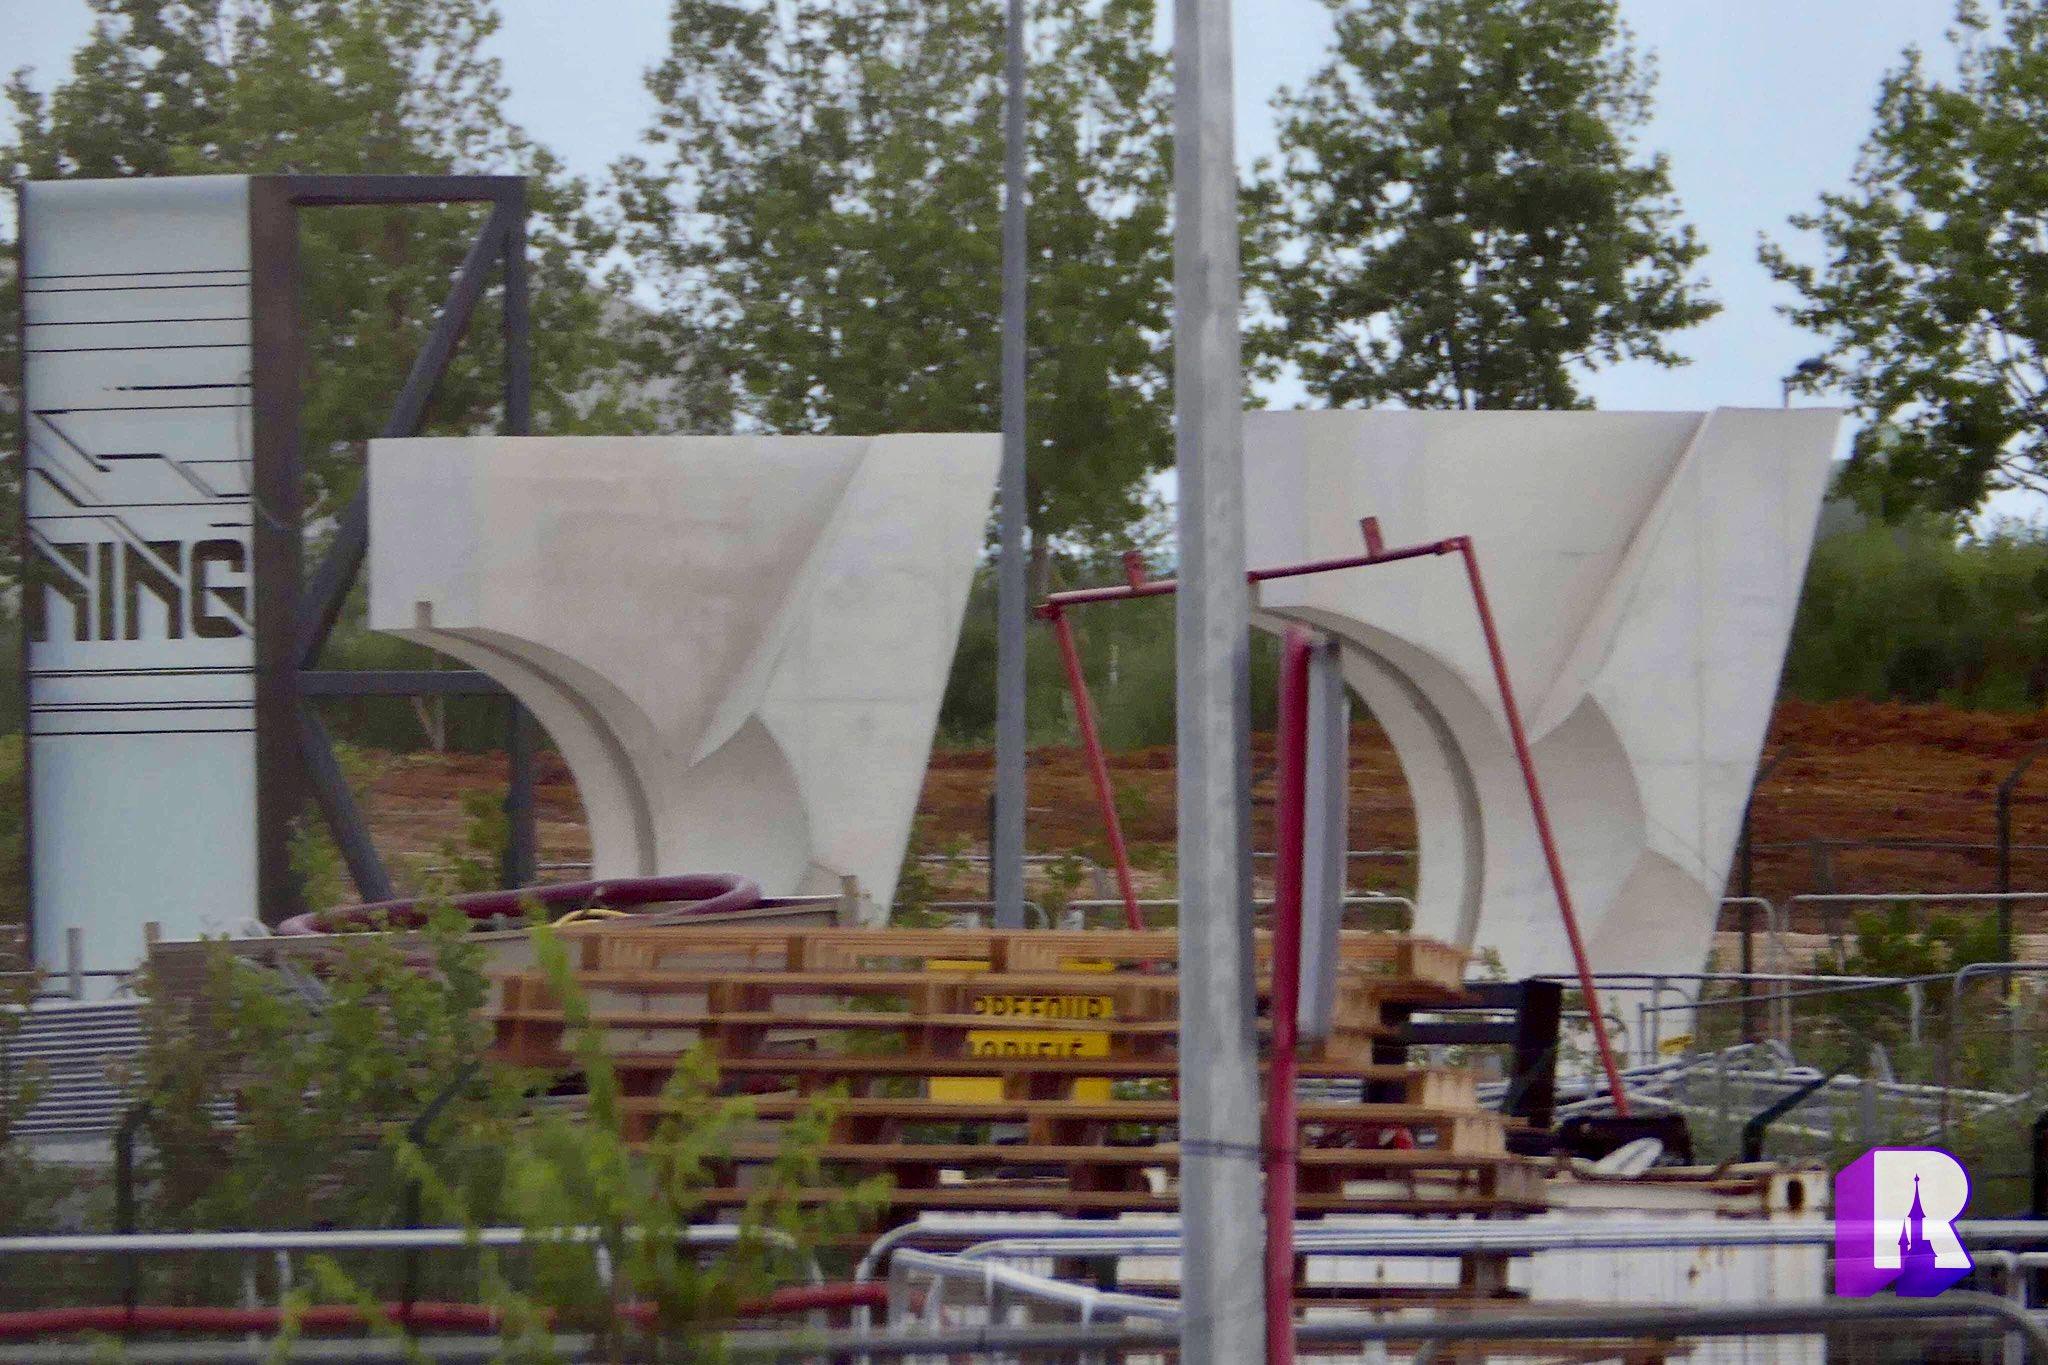 Avengers Campus [Parc Walt Disney Studios - 2022] - Page 40 E4qRhEdWUAYdV84?format=jpg&name=large